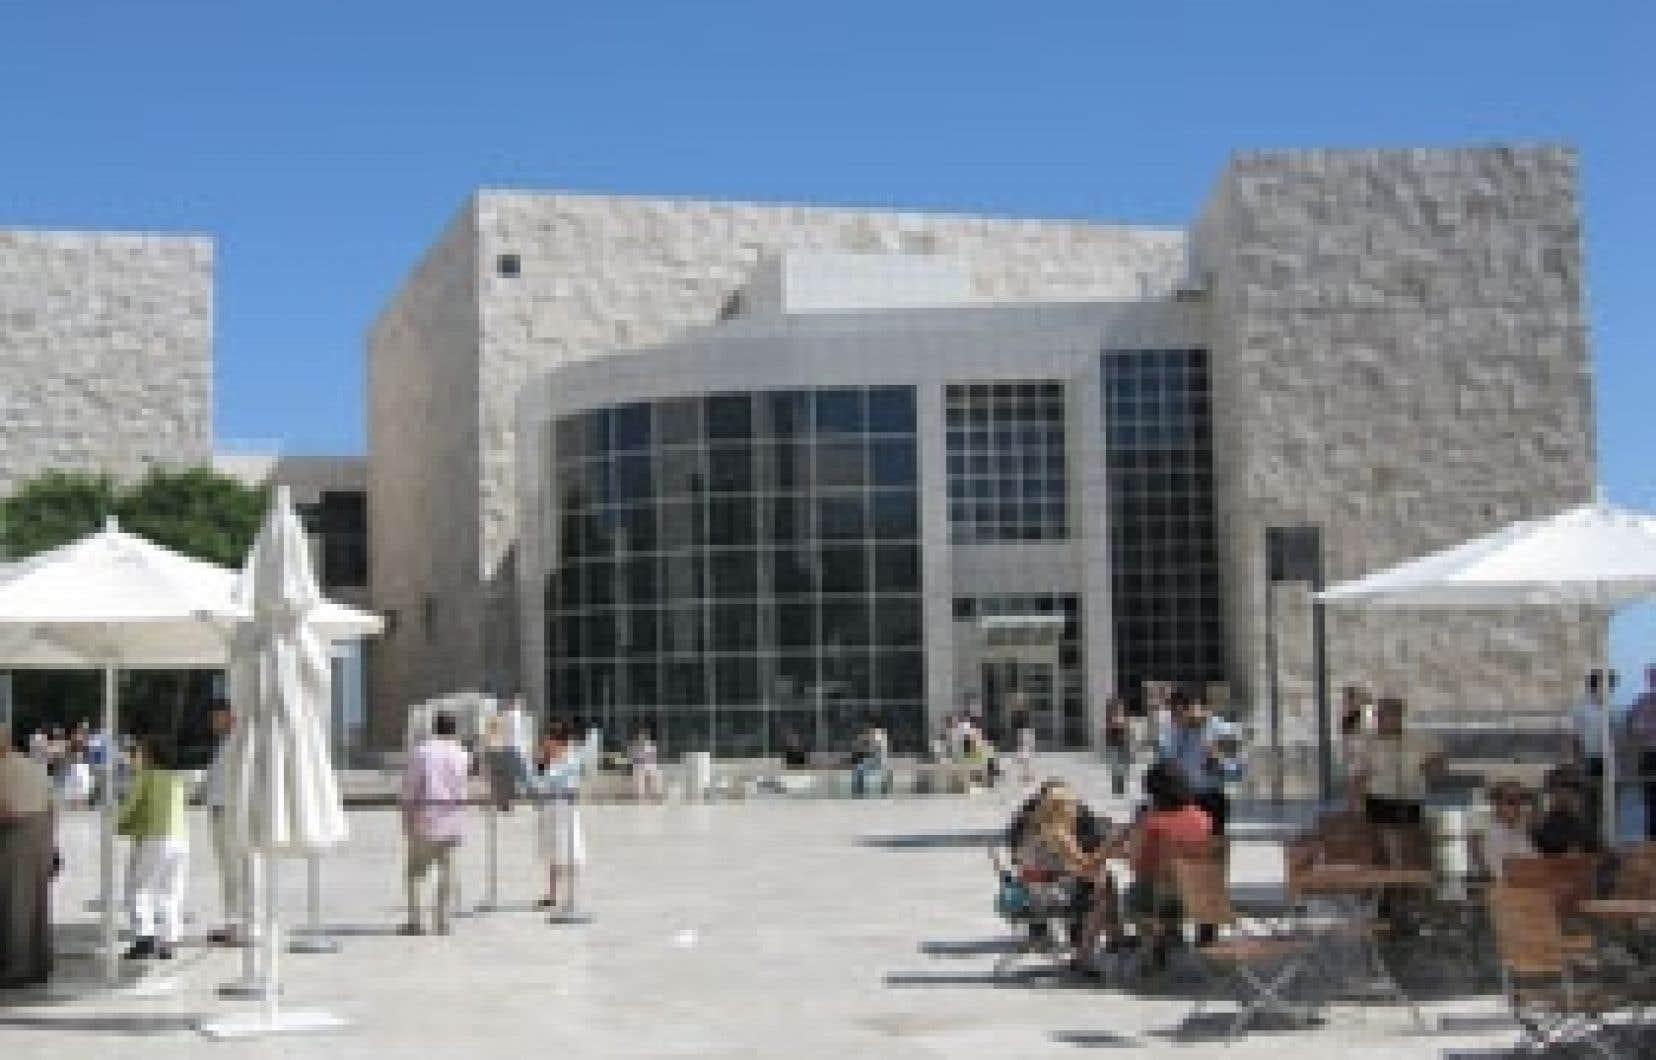 Le Getty Center expose 10 hectares d'oeuvres d'art occidental de toutes les époques et de jardins composés comme des tableaux, le tout enrobé d'un style architectural signé Richard Meier, où Frank Lloyd Wright dit bonjour au mouvement Bauhaus.